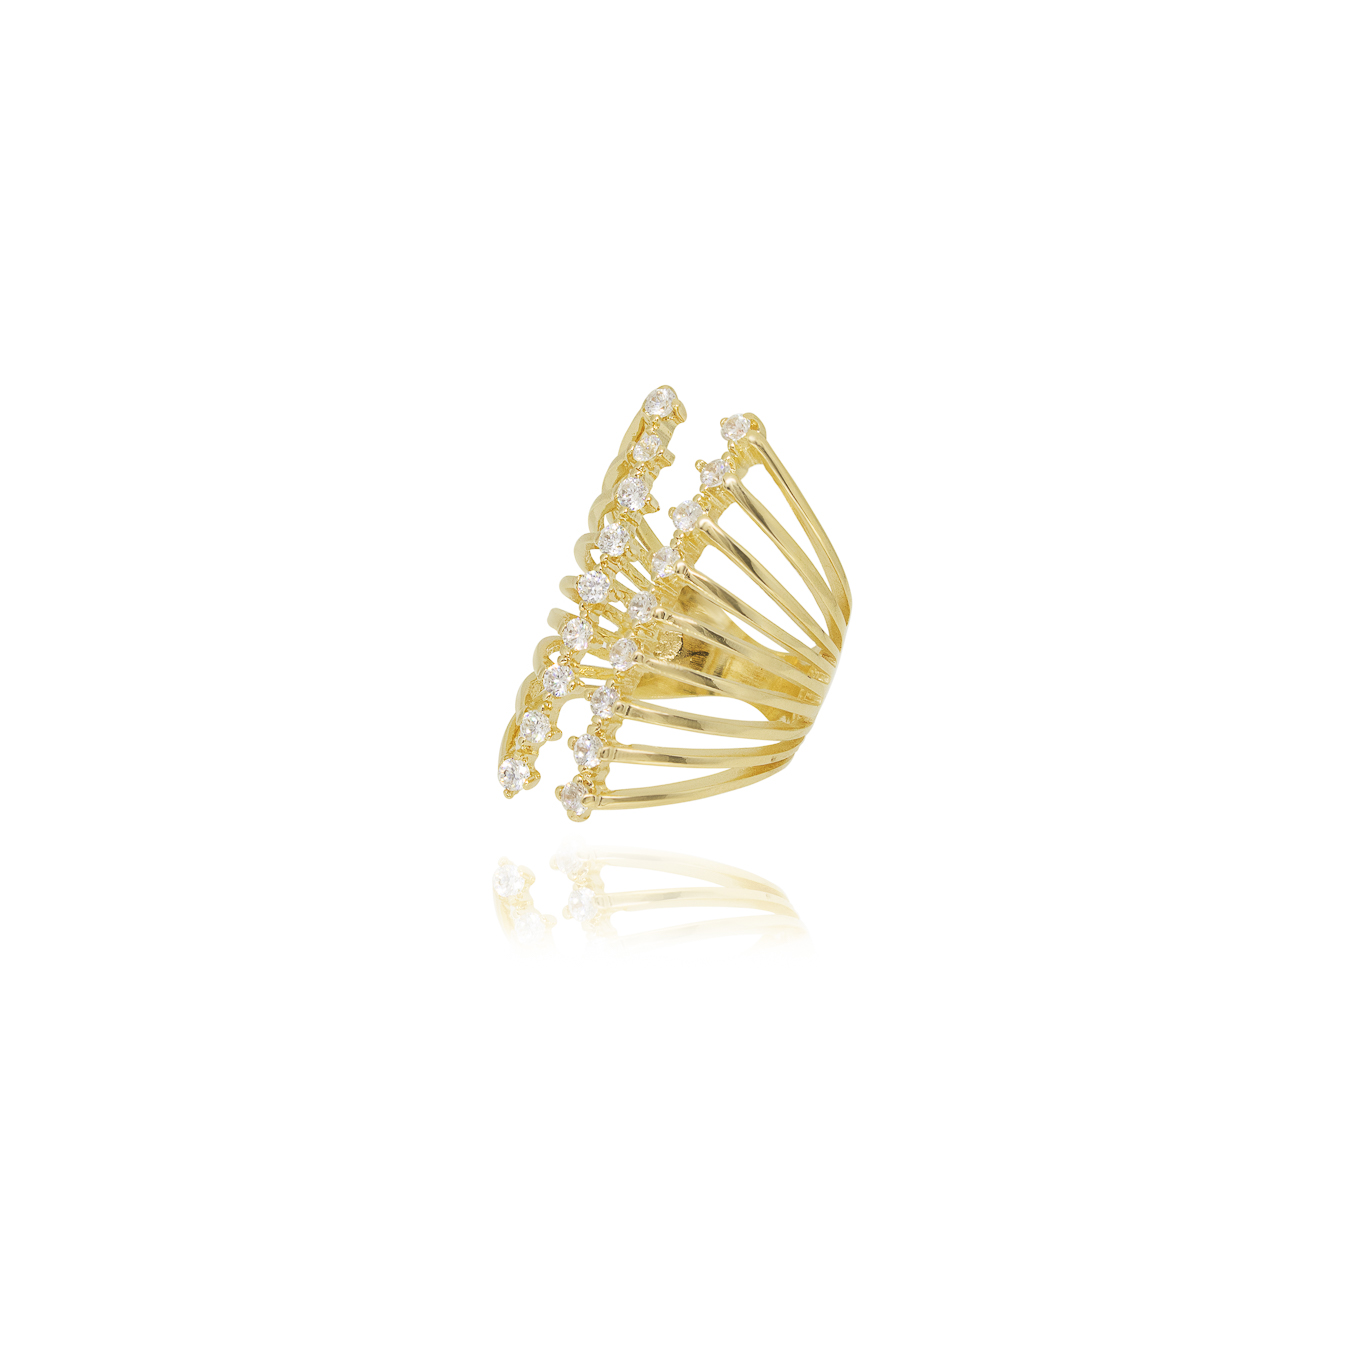 Anel regulável folheado ouro ou ródio londo com zirconias